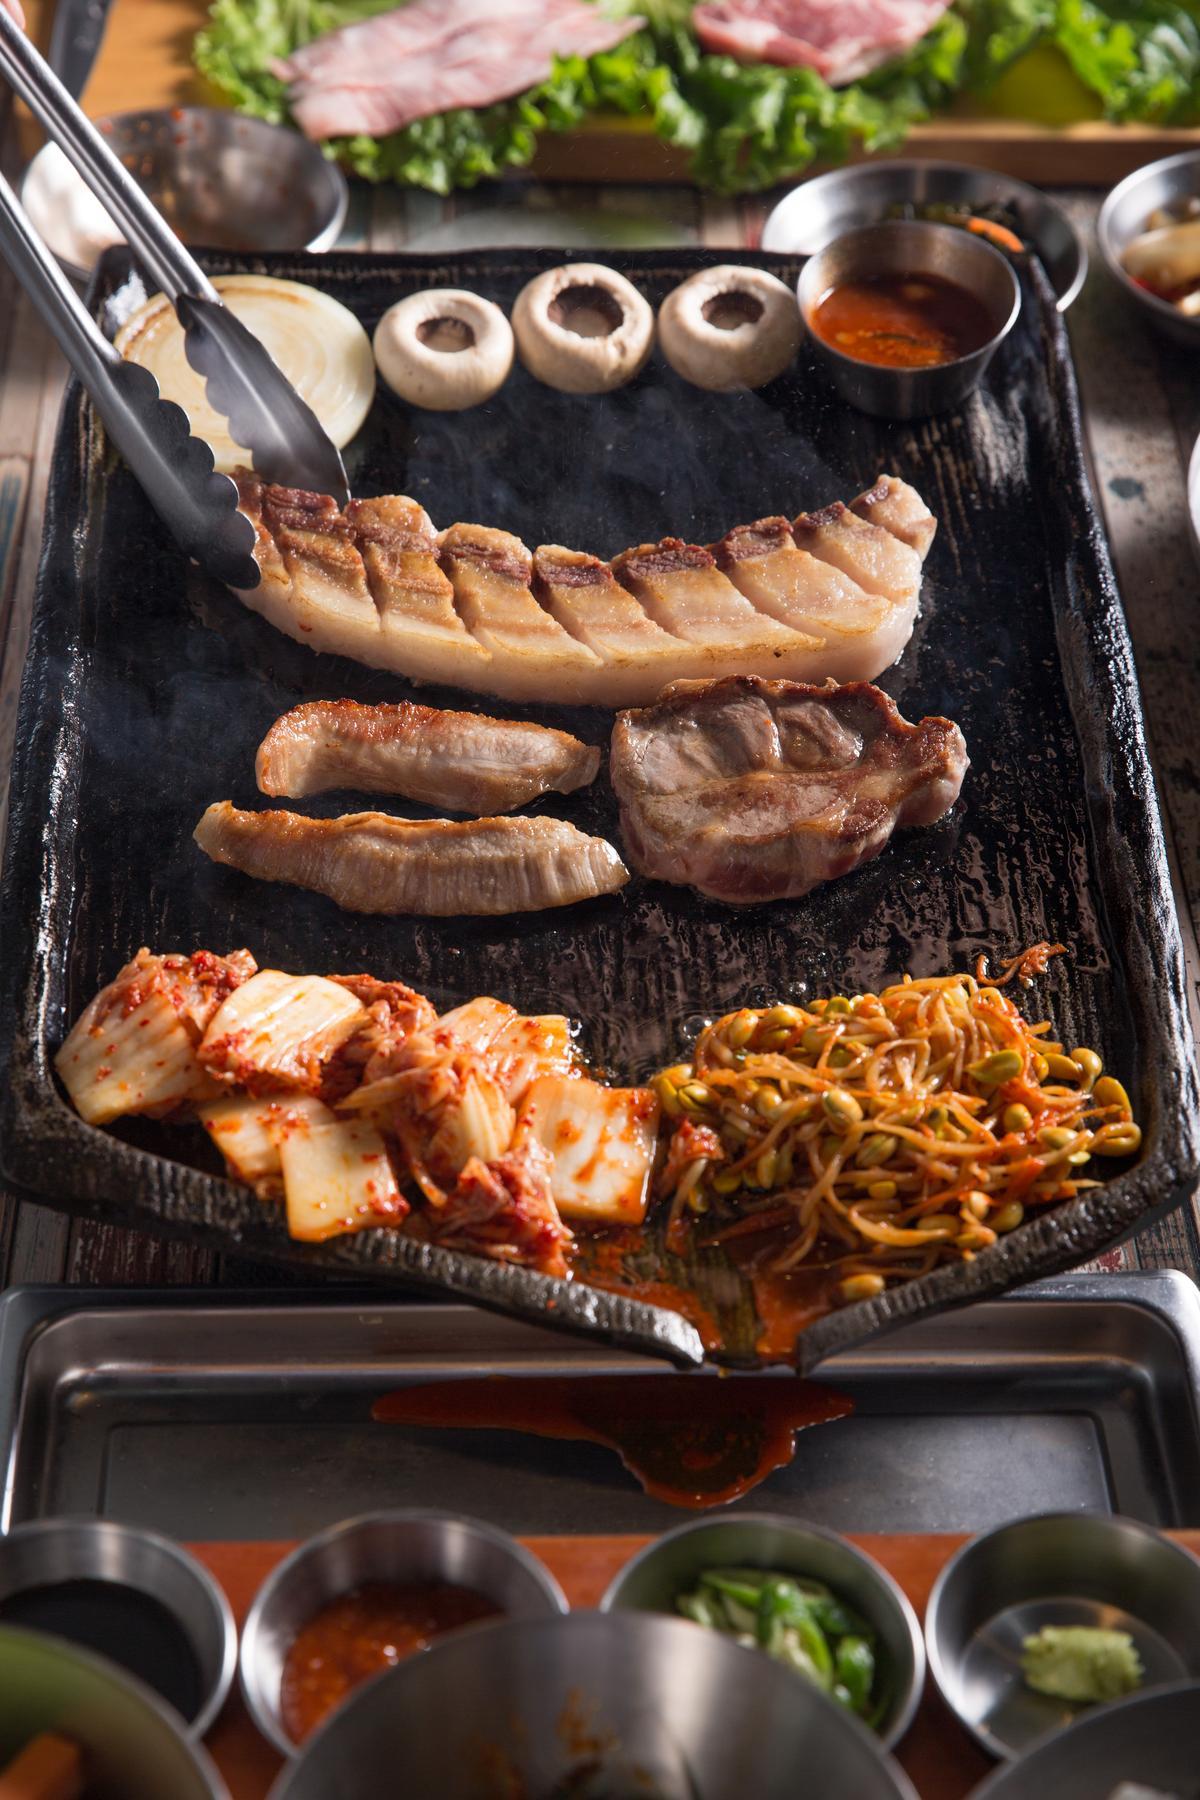 韓國進口的純鐵鐵盤,可以把豬肉烤到外皮焦黃脆口,裡頭鮮嫩多汁。